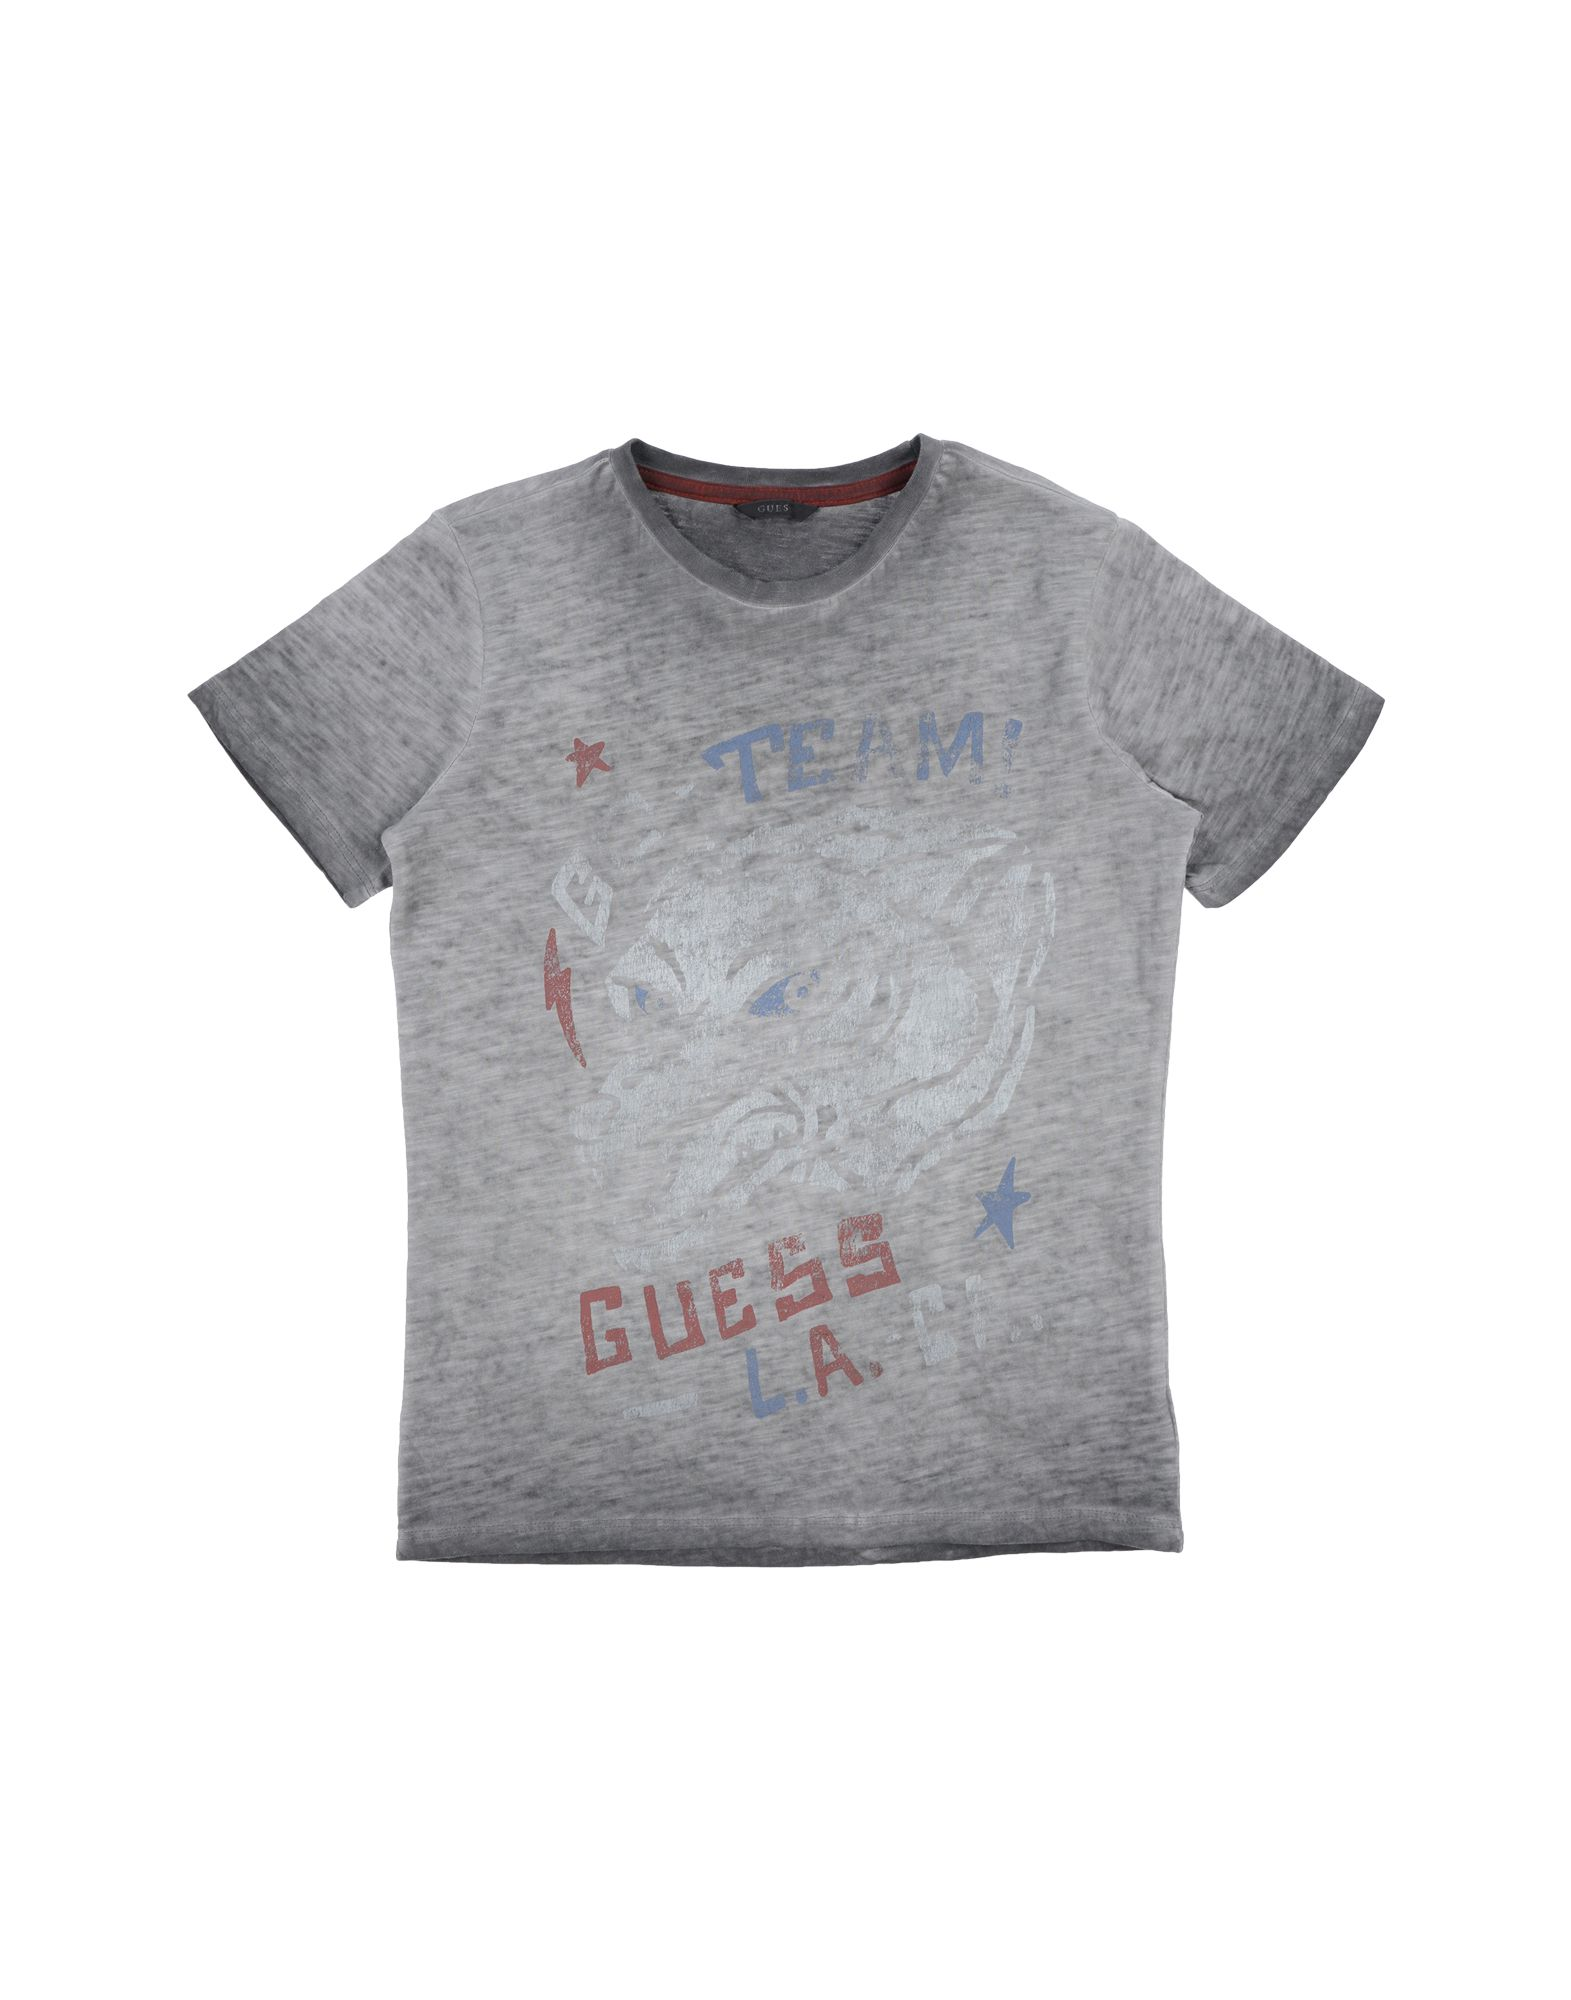 289a3ec32ebf8 Anni Bambini 16 Collezione 9 Guess Ragazzi Per E Abbigliamento qEECw0R